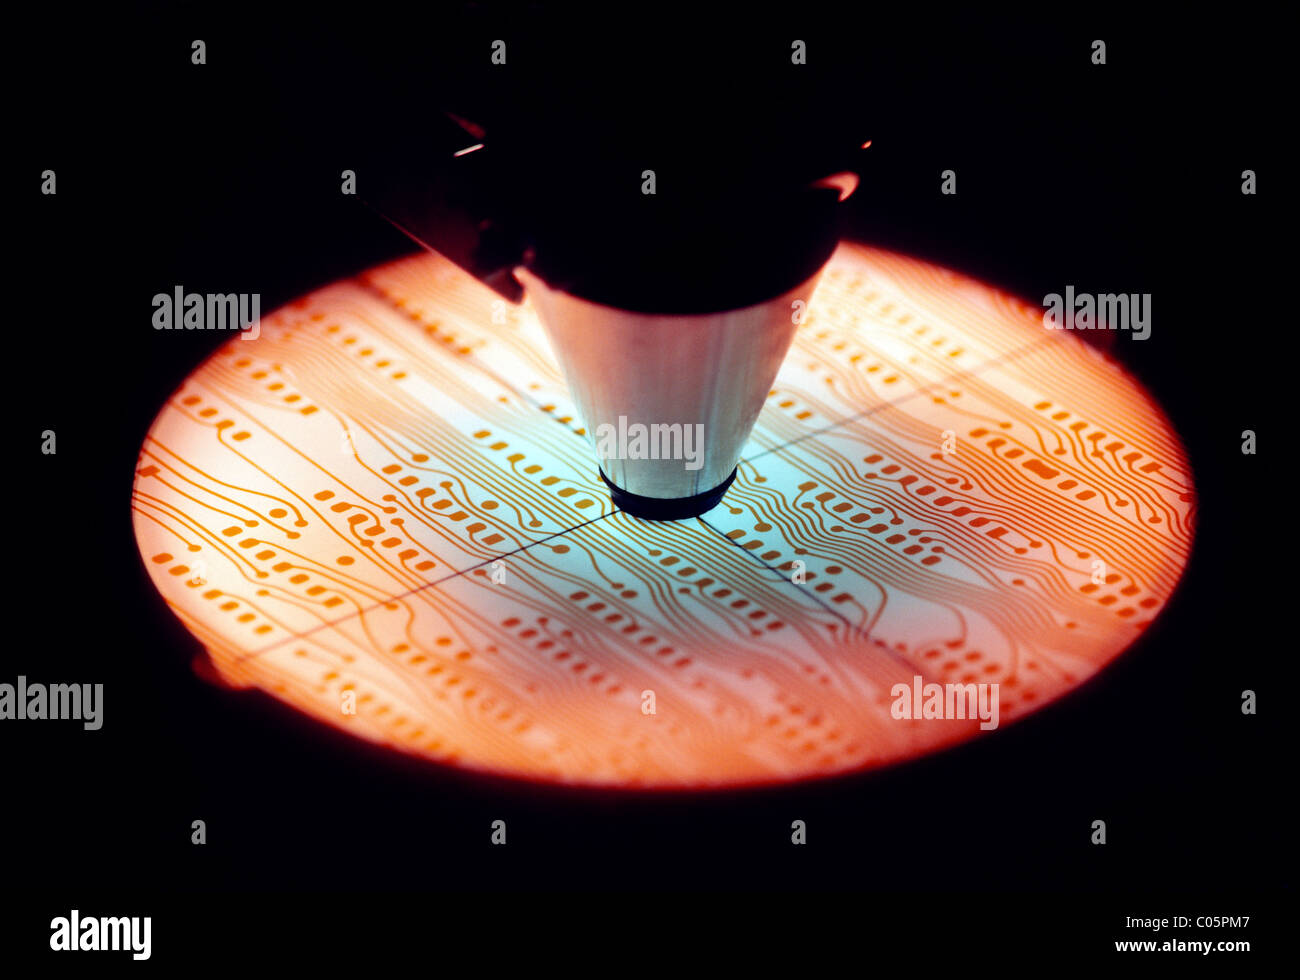 Microscopio utilizado para inspeccionar las placas de circuito para utilizar en equipo micro chips Imagen De Stock